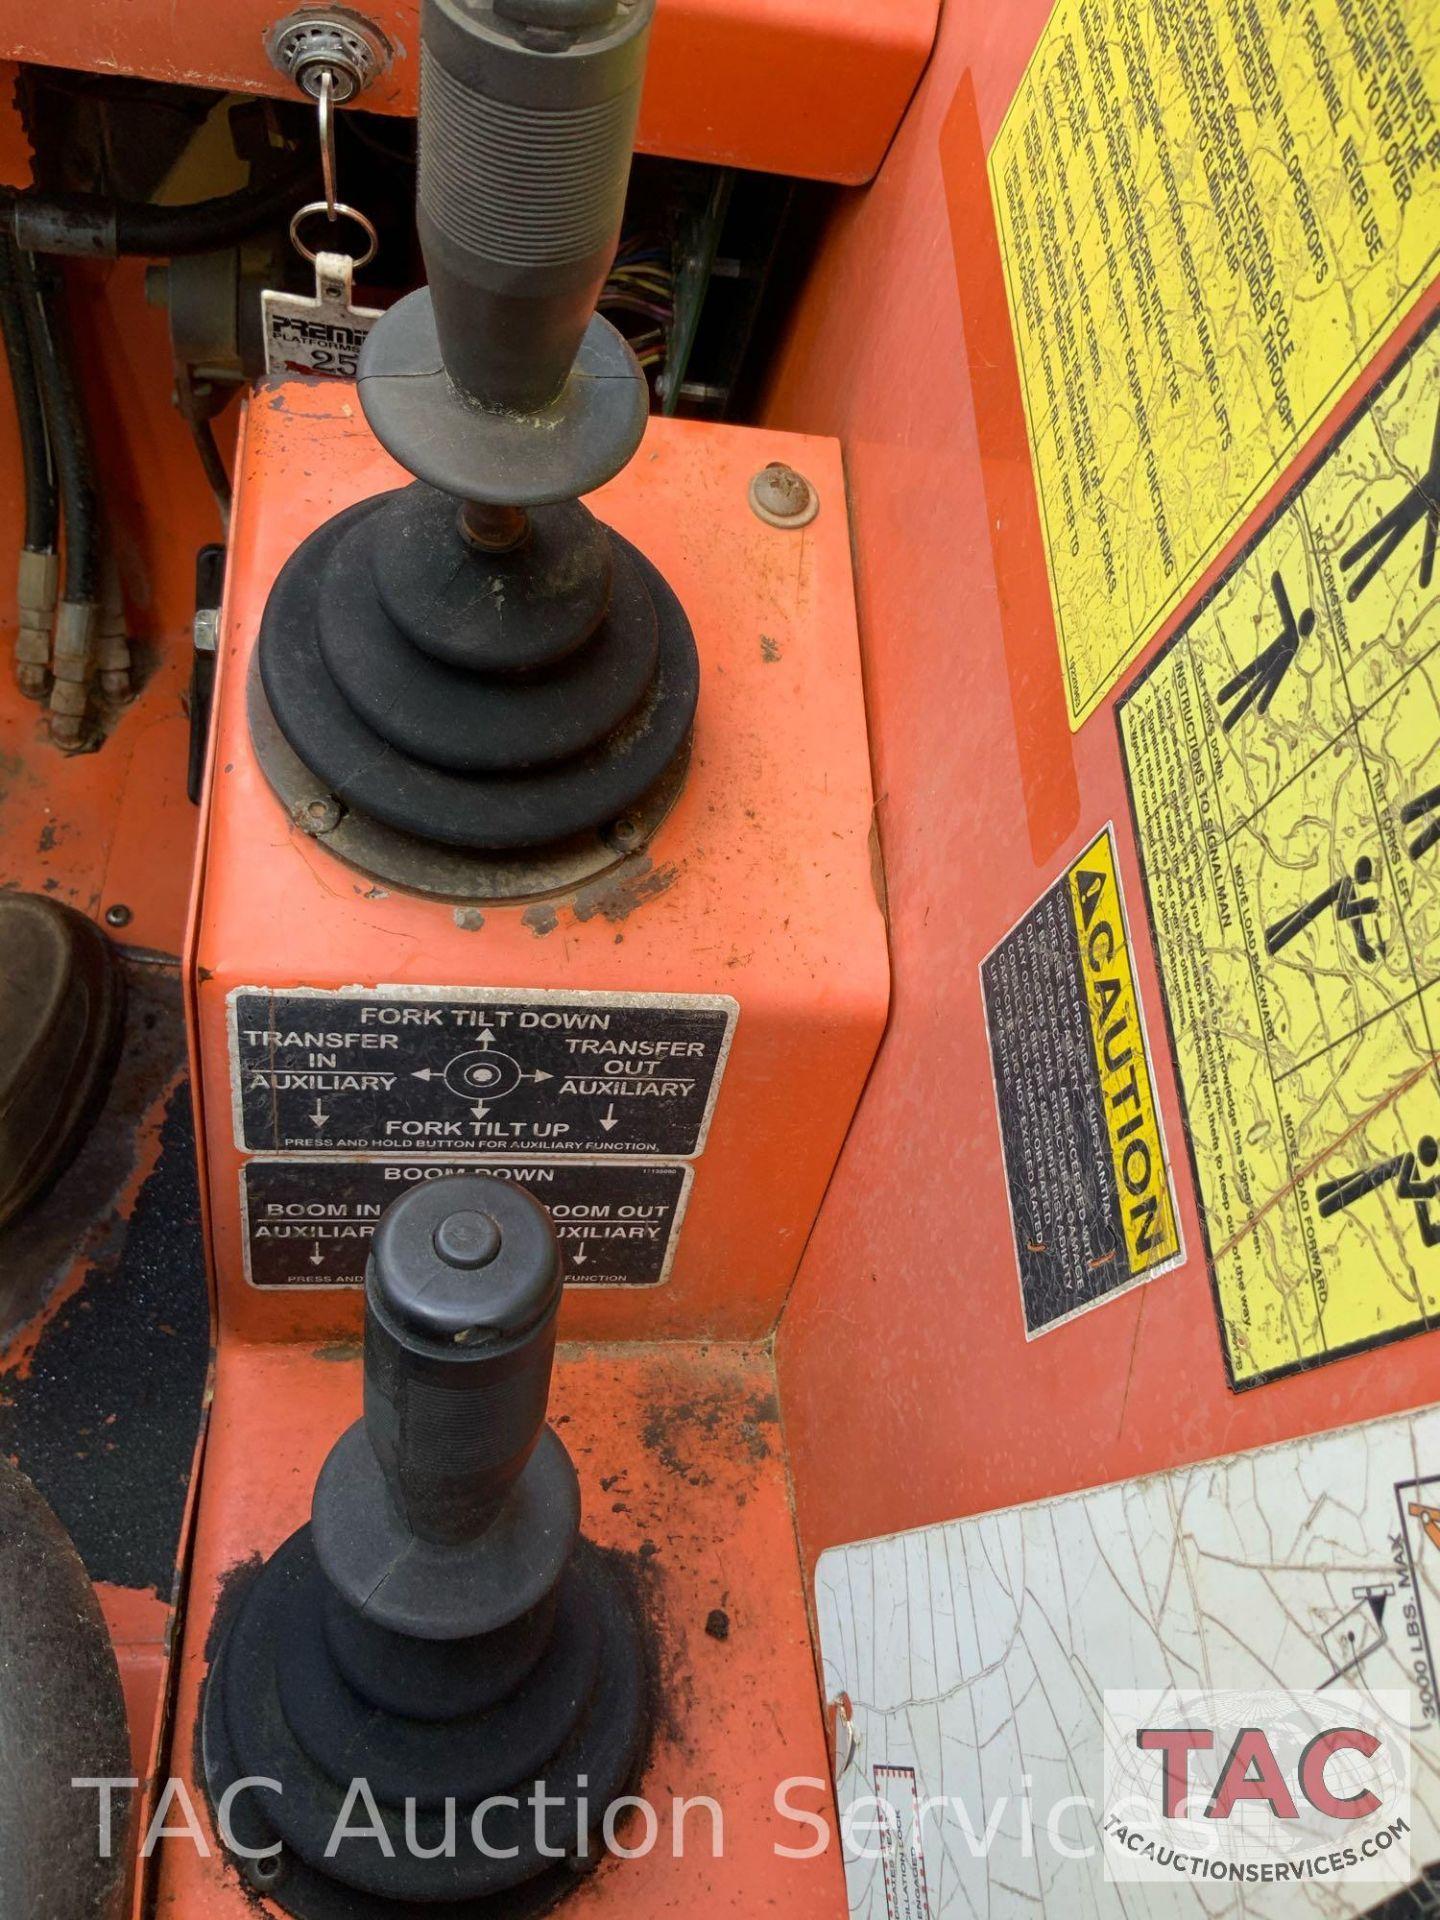 2007 JLG LULL Telehander Forklift - Image 19 of 25